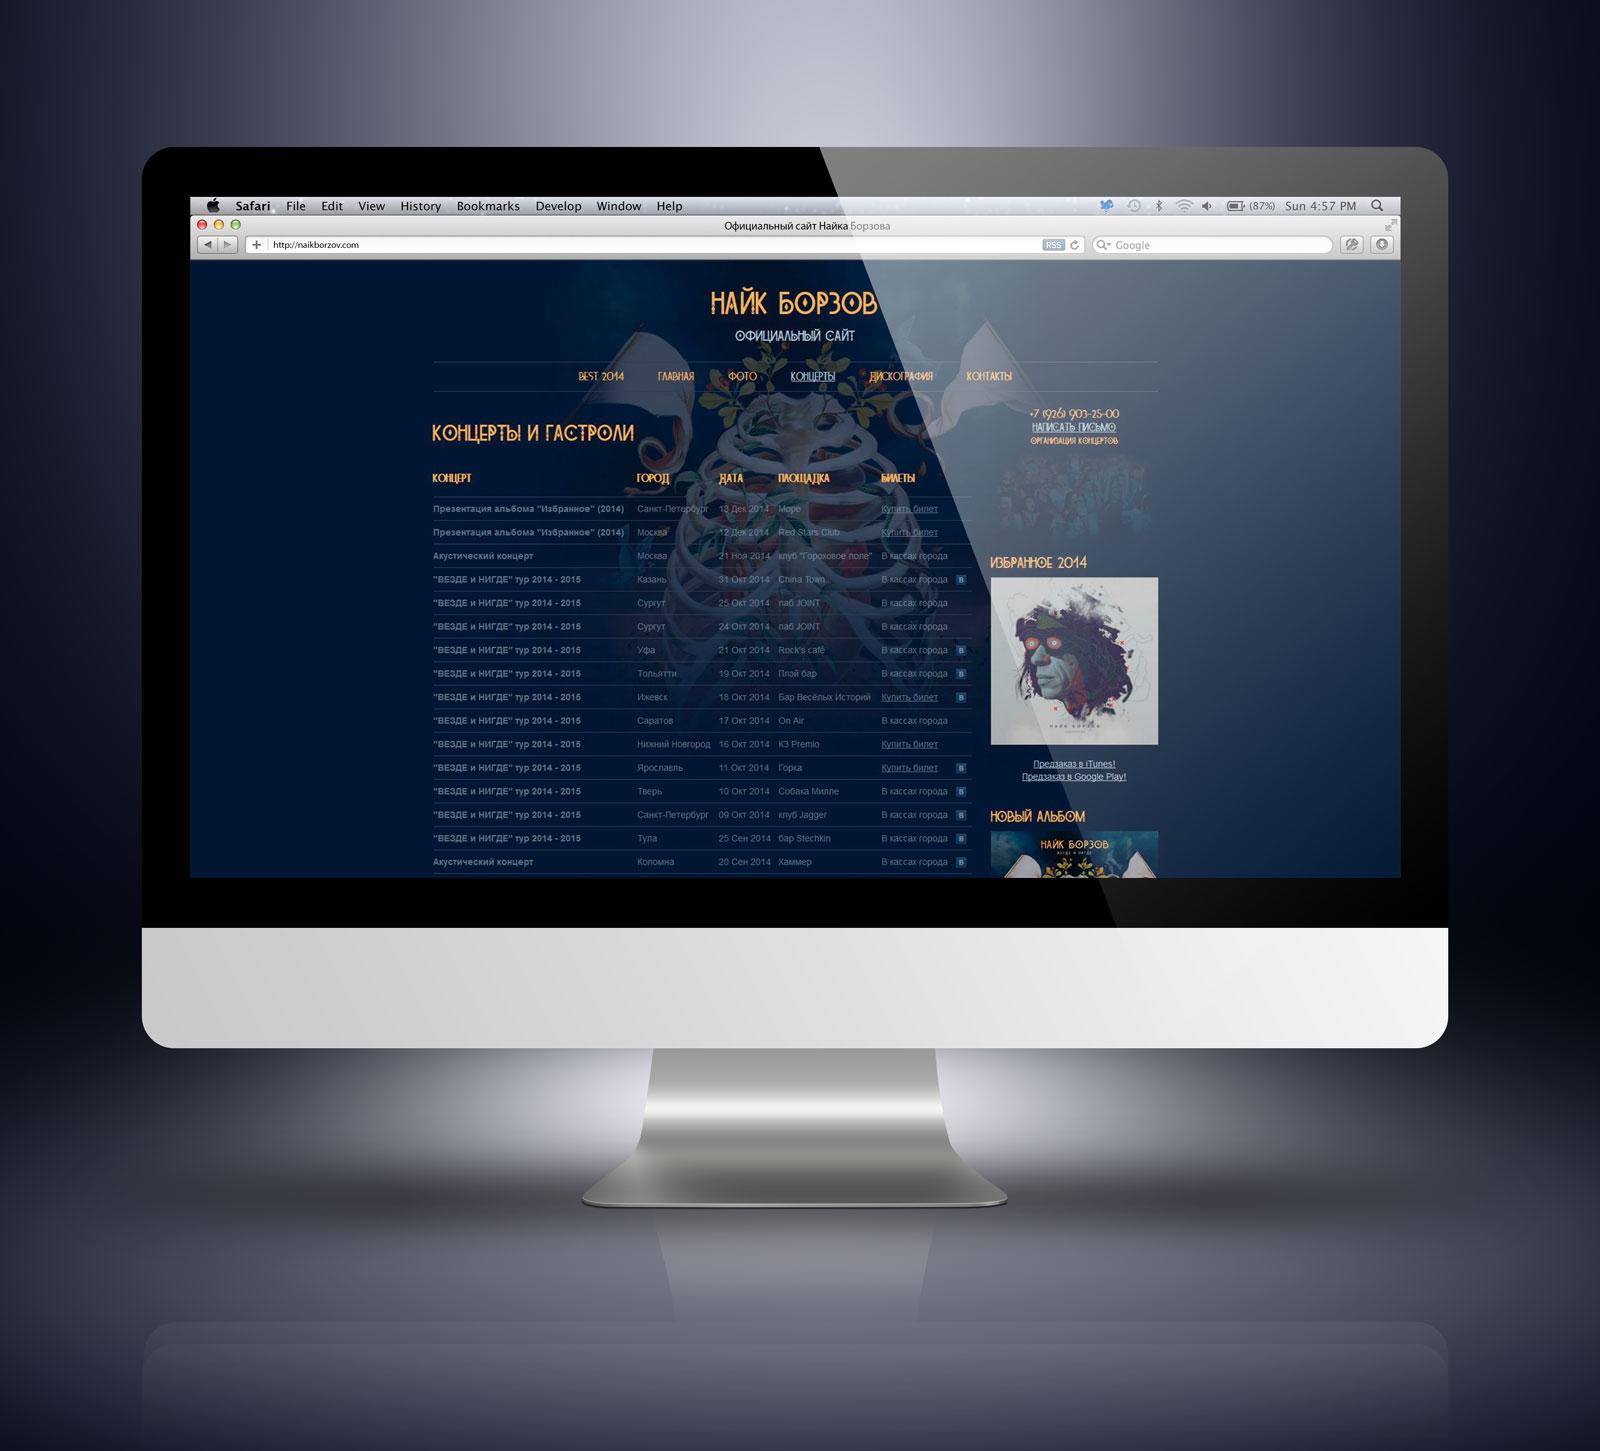 Сайт Найка Борзова - Афиша